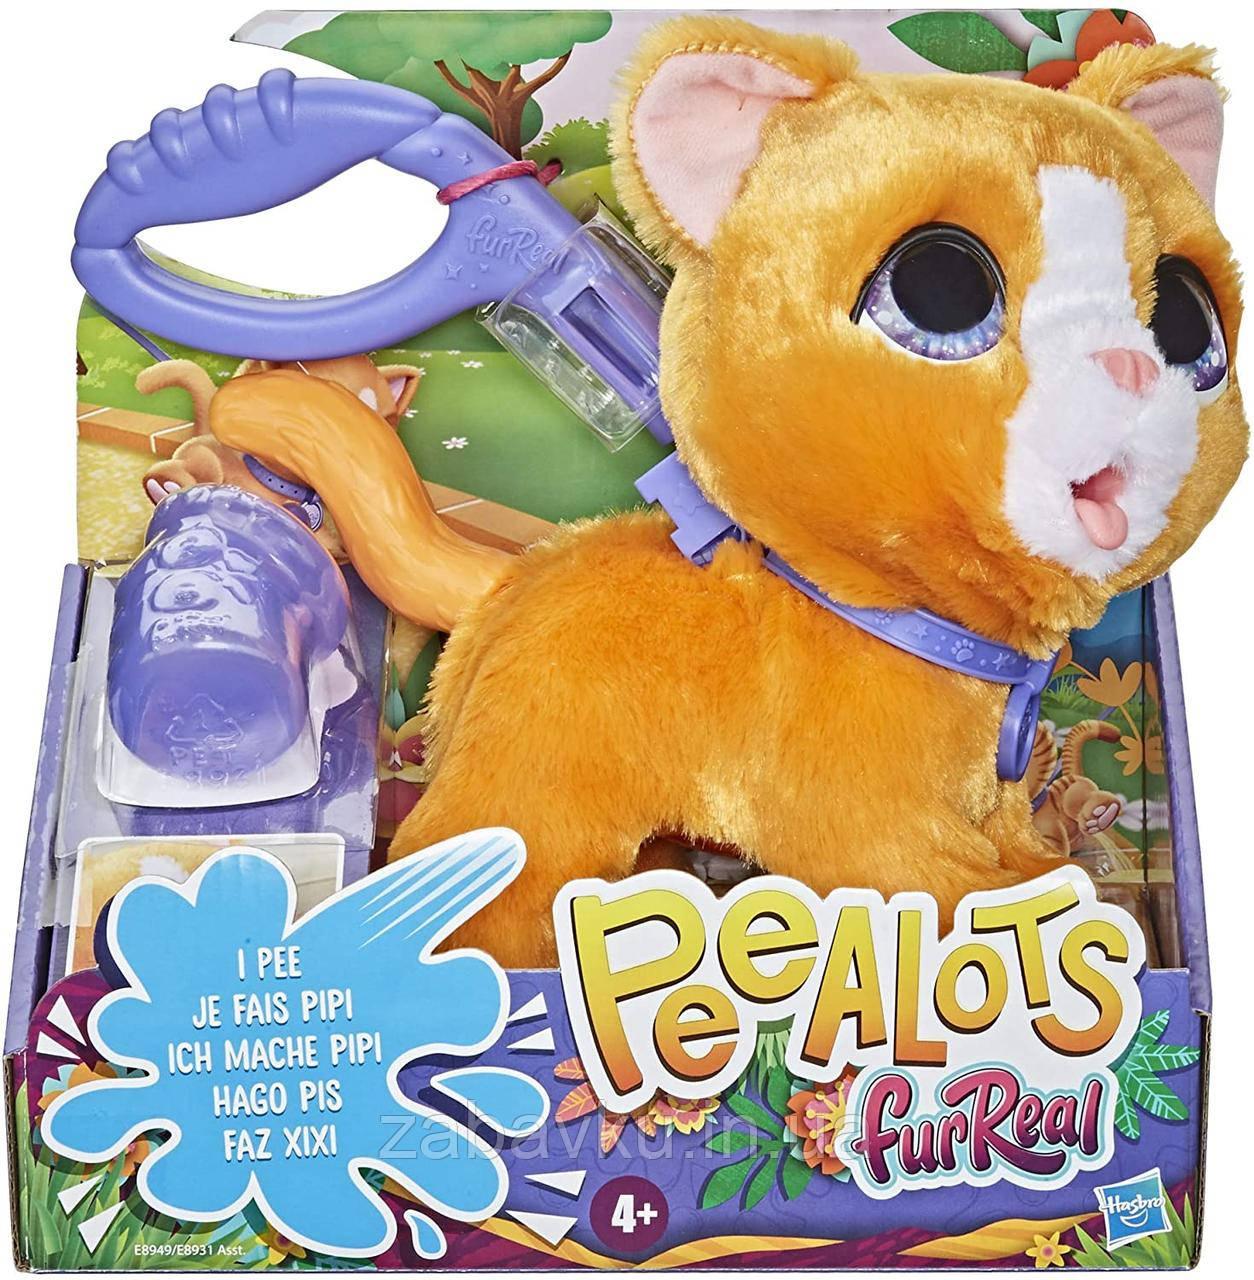 FurReal friends FRR PEEALOTS Big Wags CAT Hasbro интерактивная кошка фурриал на поводке